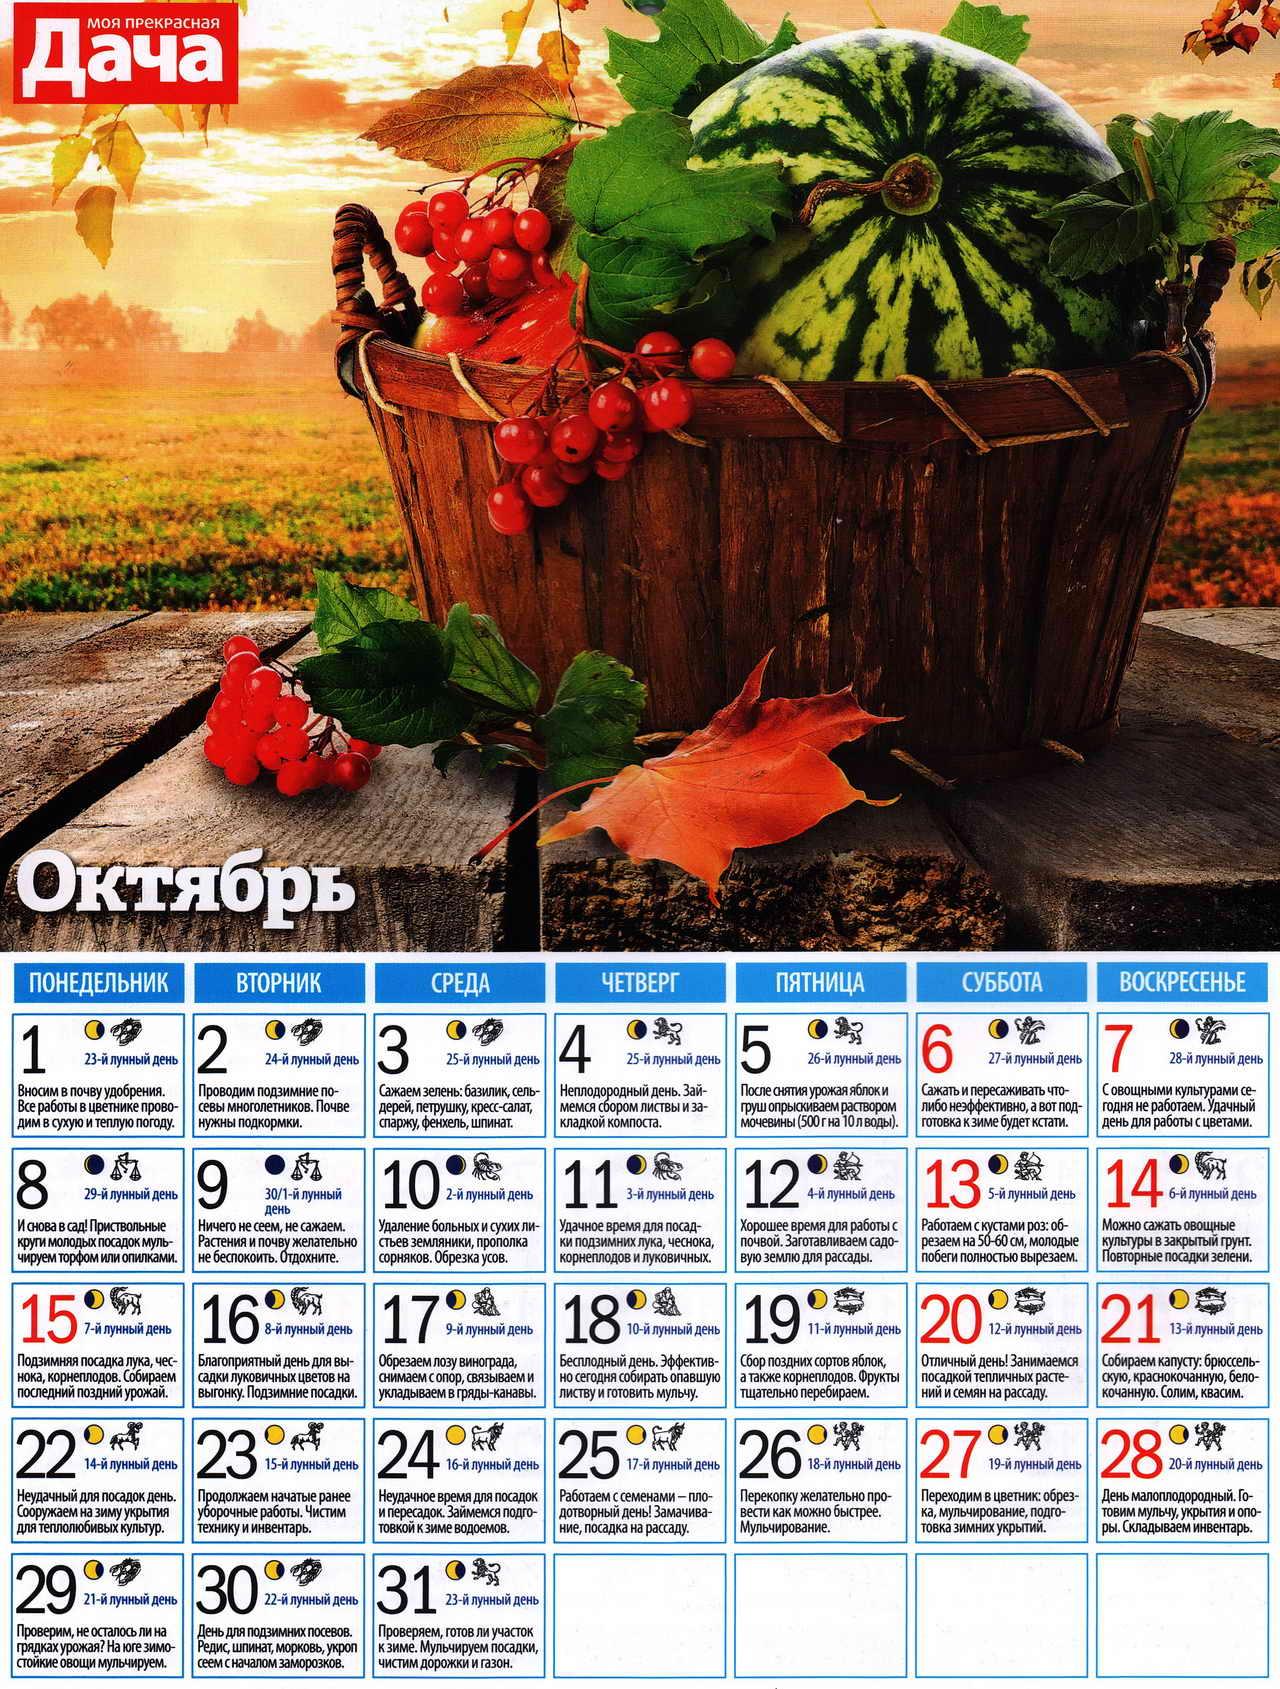 посевной лунный календарь на октябрь